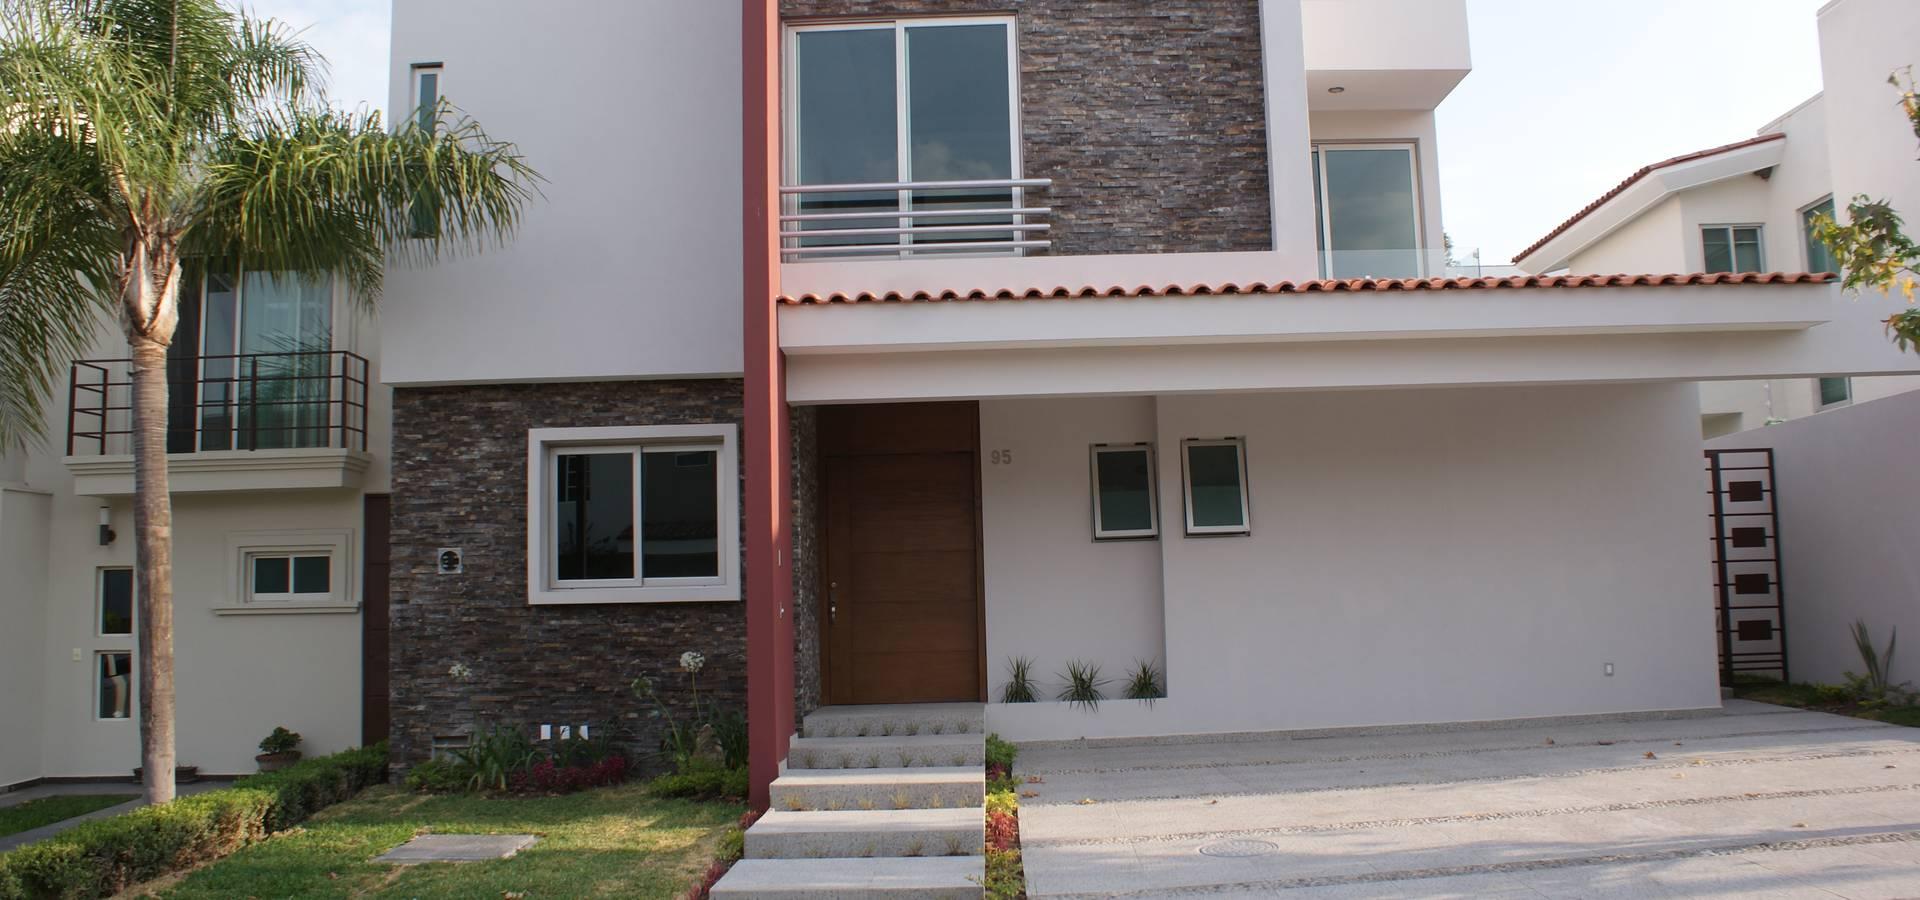 220 Arquitectura